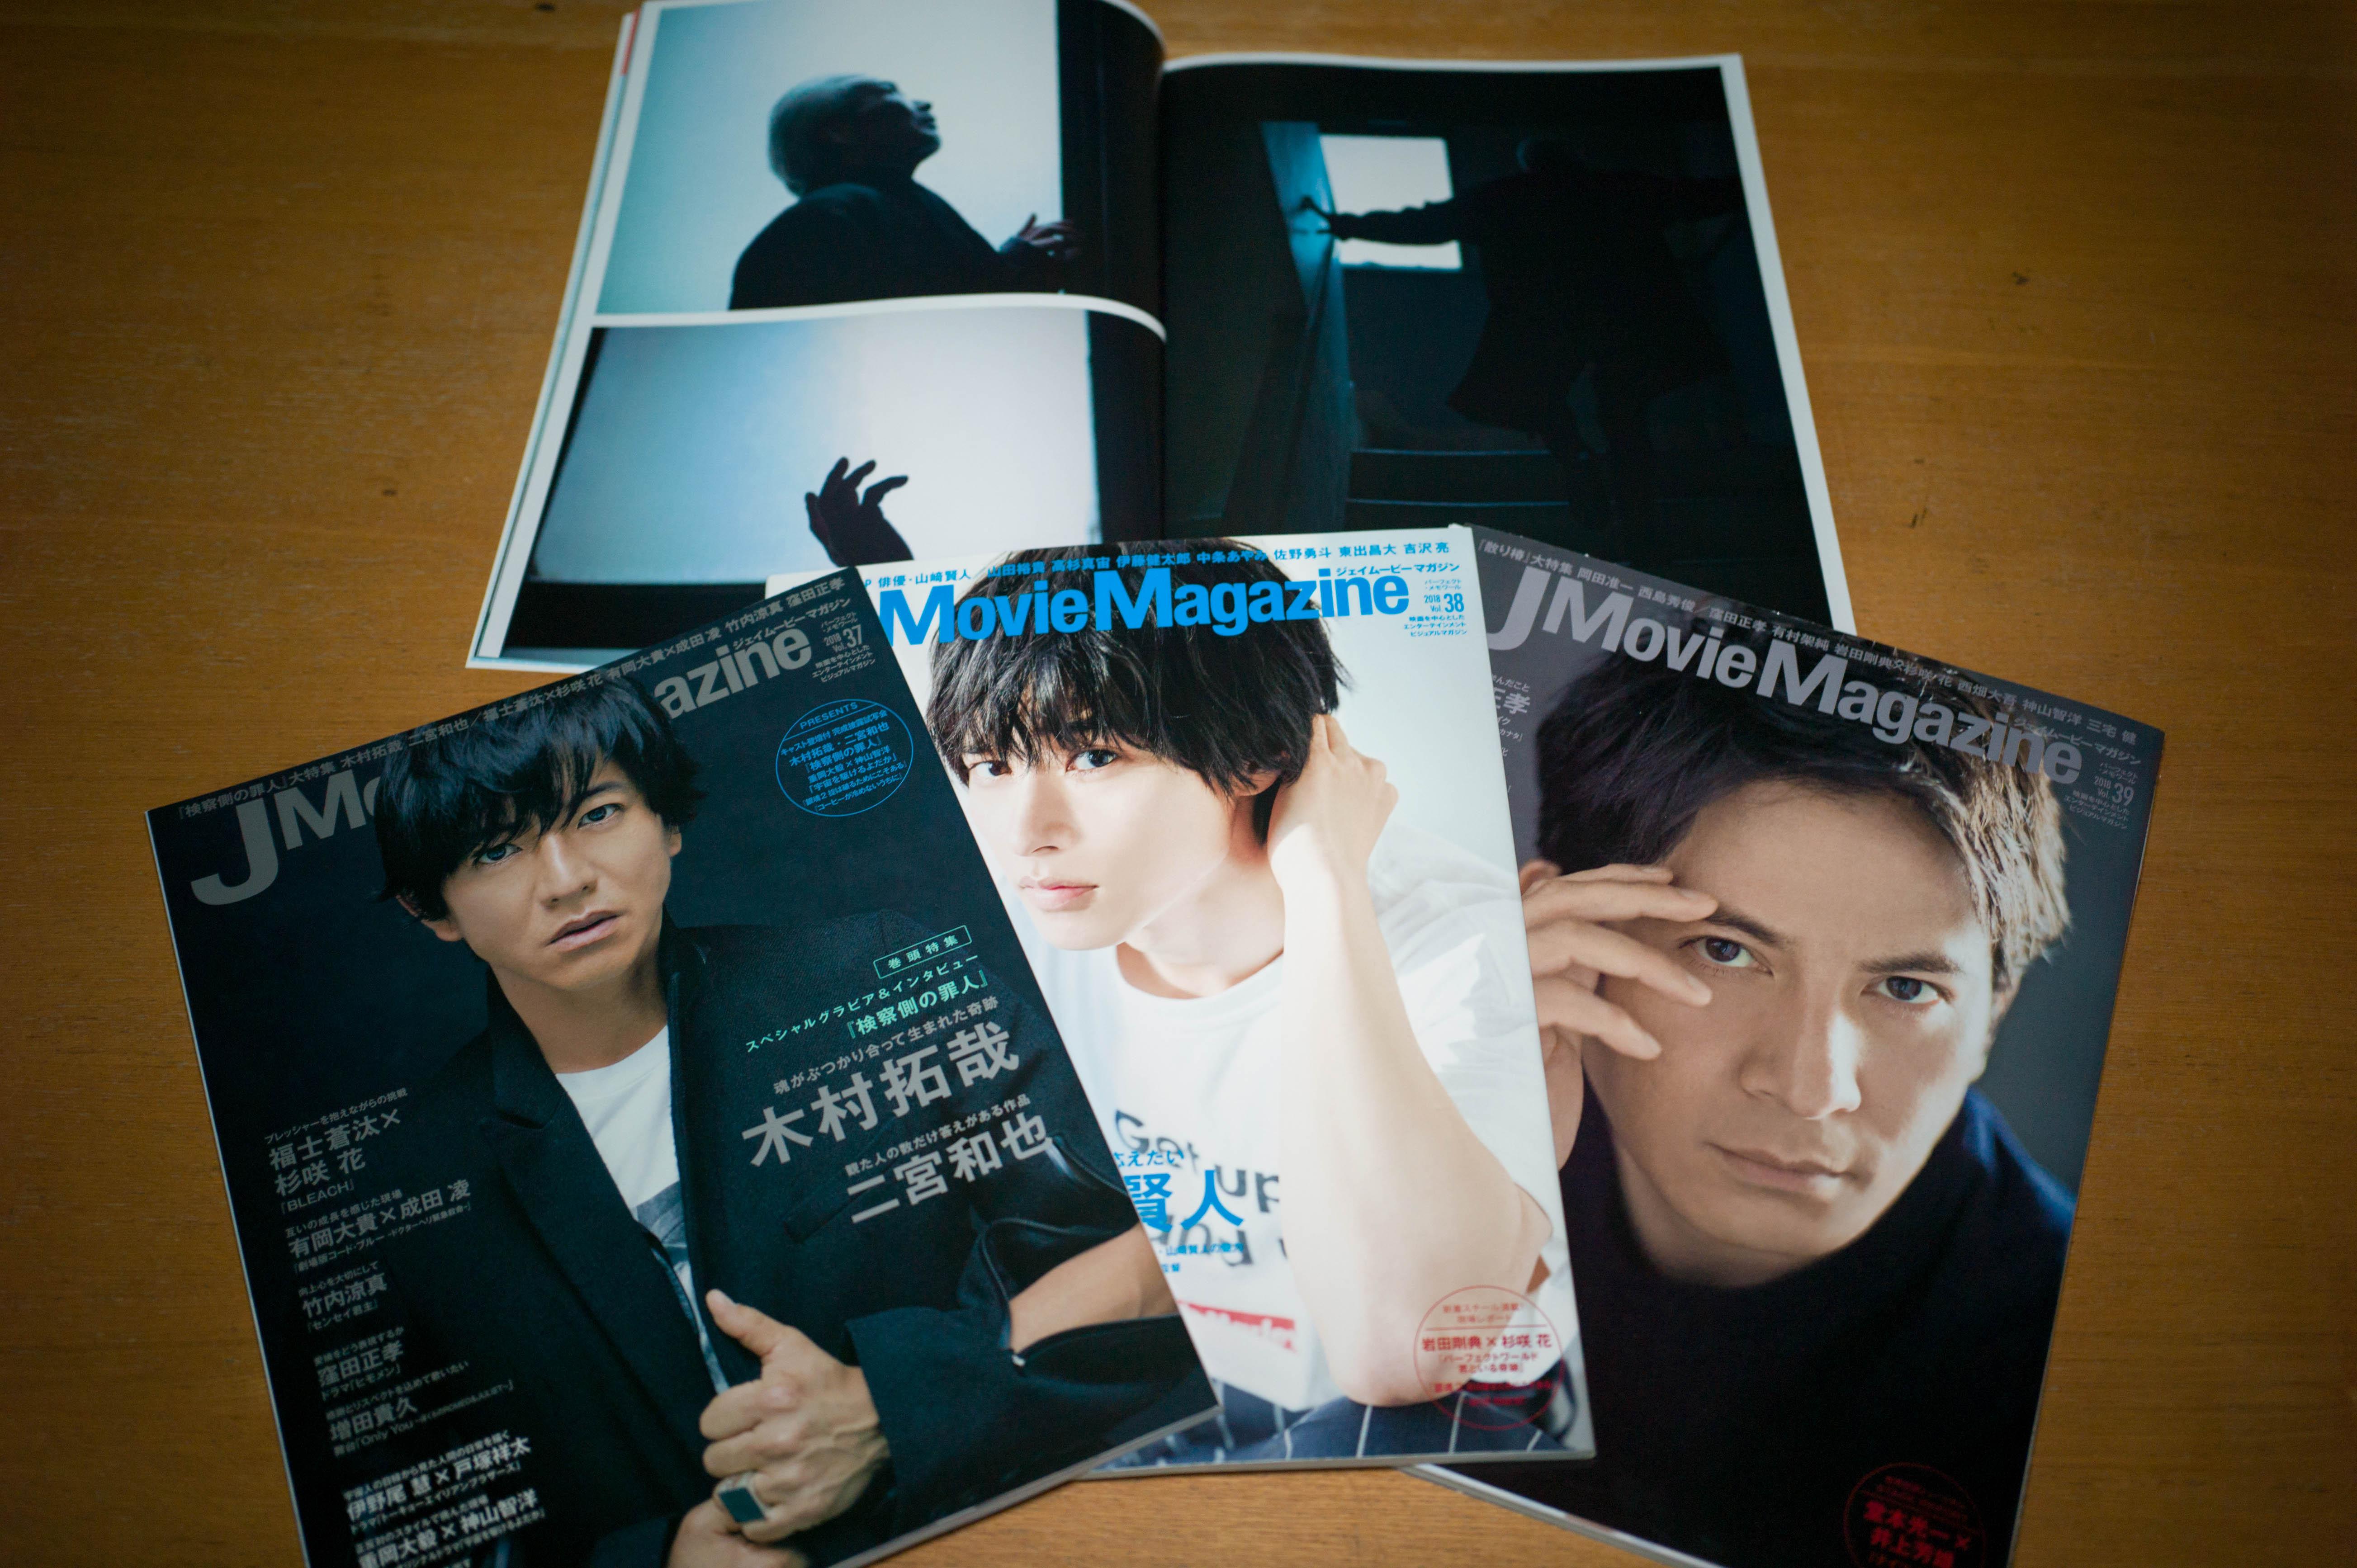 小林さんが創刊から企画・編集している『J Movie Magazine』(リイド社)